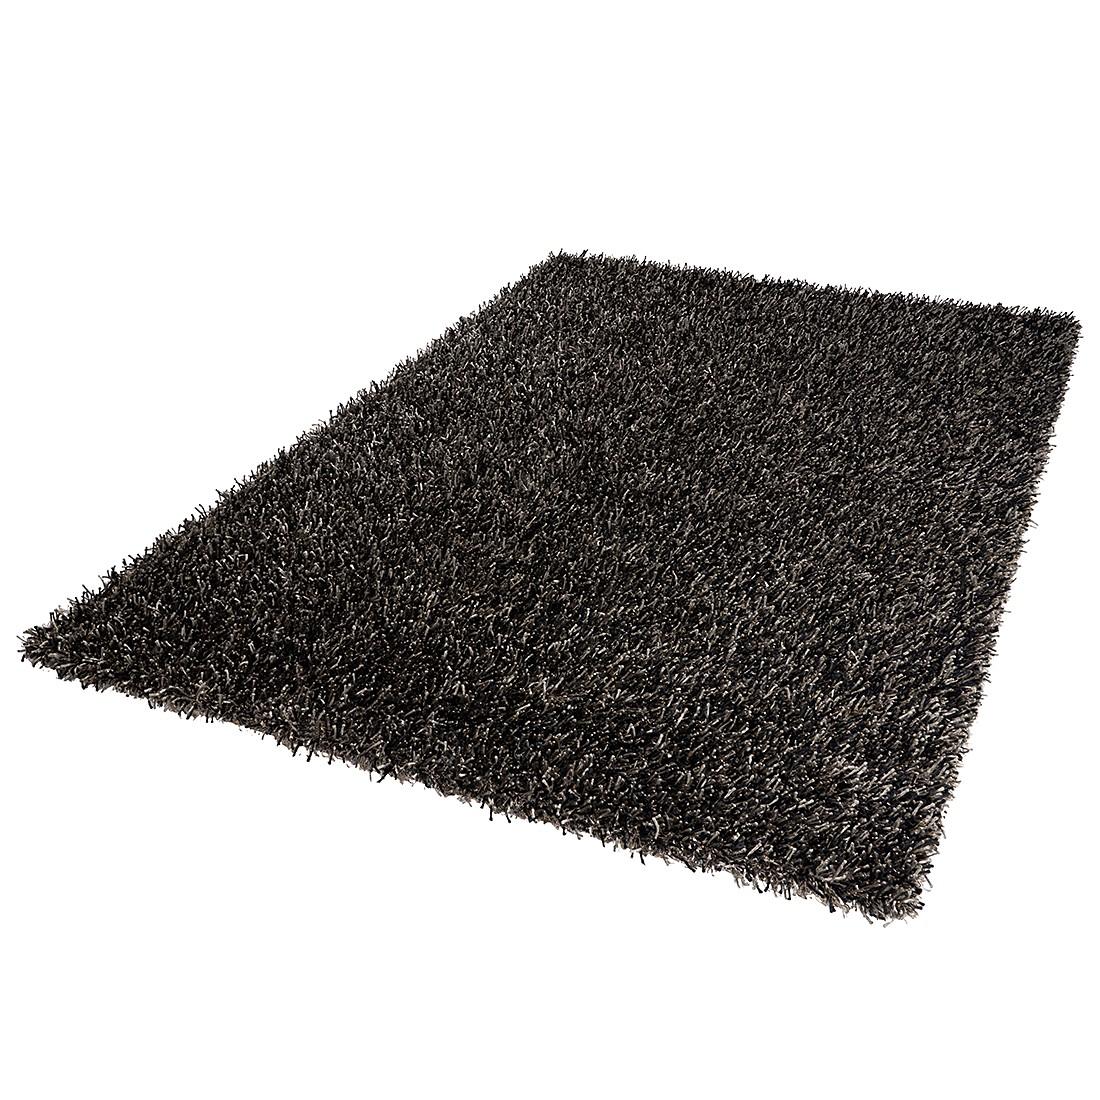 Teppich Corado – Anthrazit – 80 x 160 cm, DEKOWE günstig bestellen